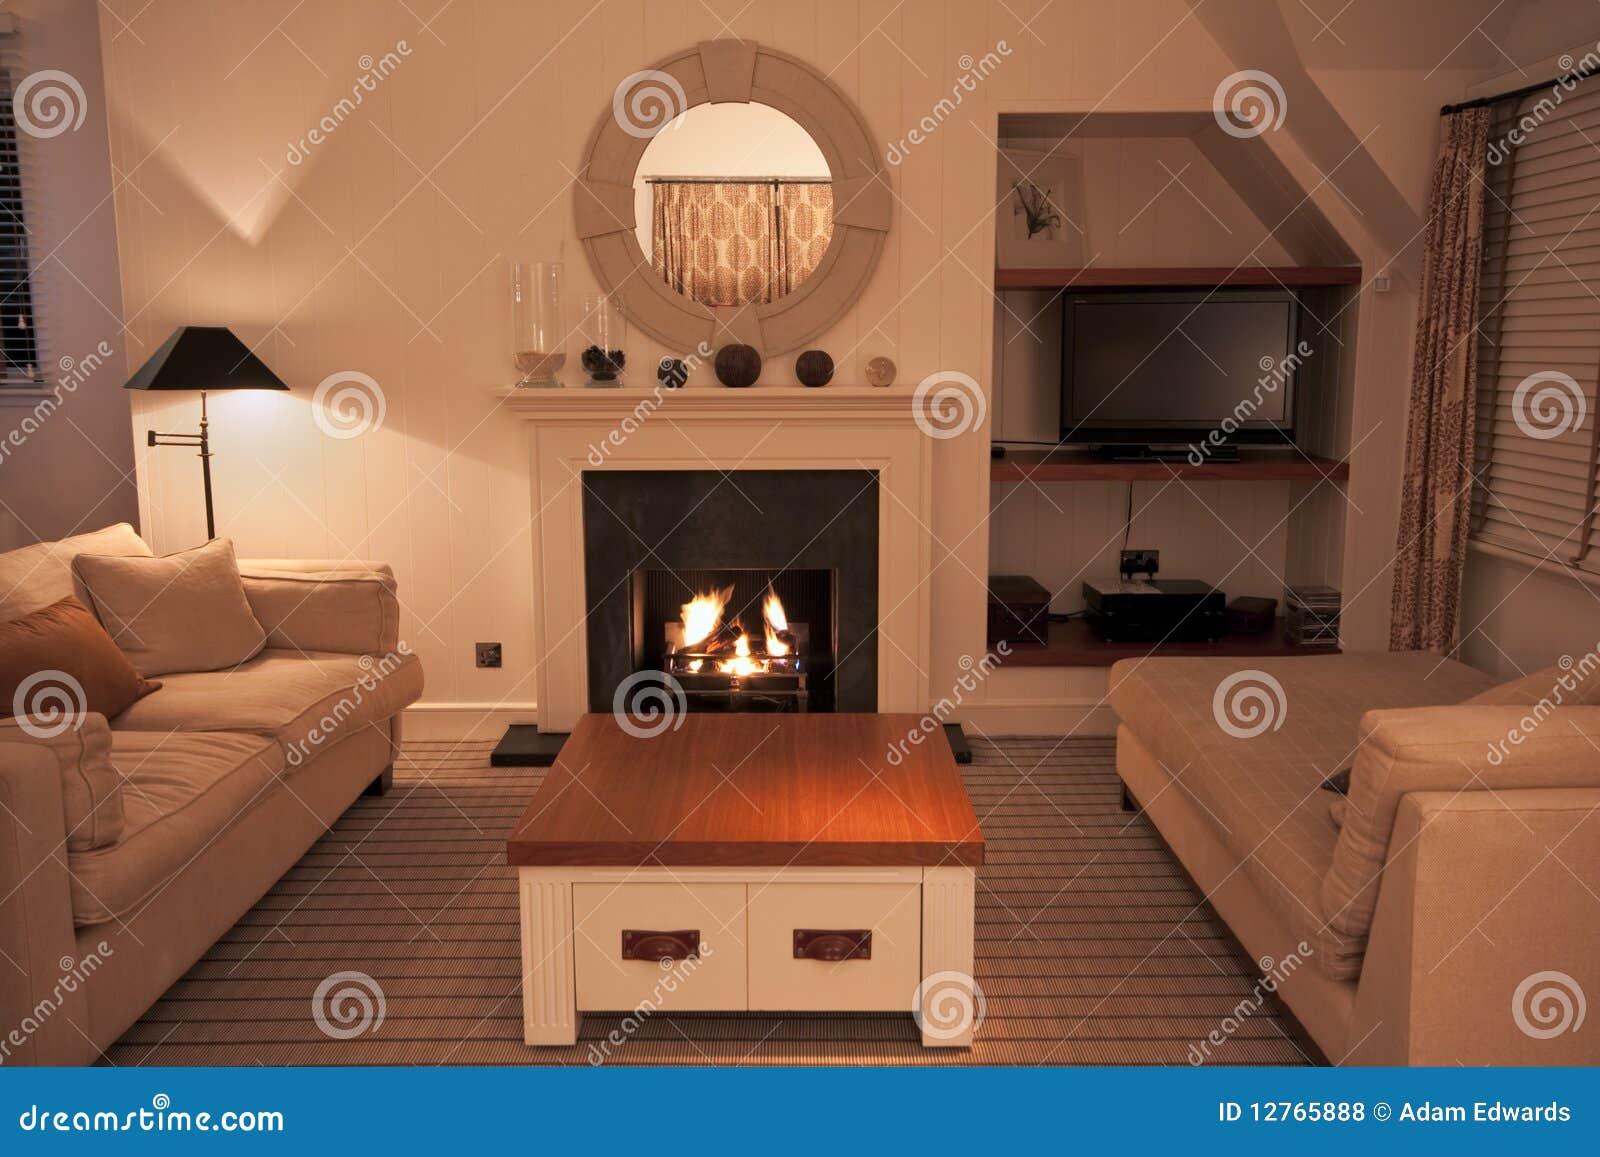 sala de estar moderna lujosa con el fuego encendido foto